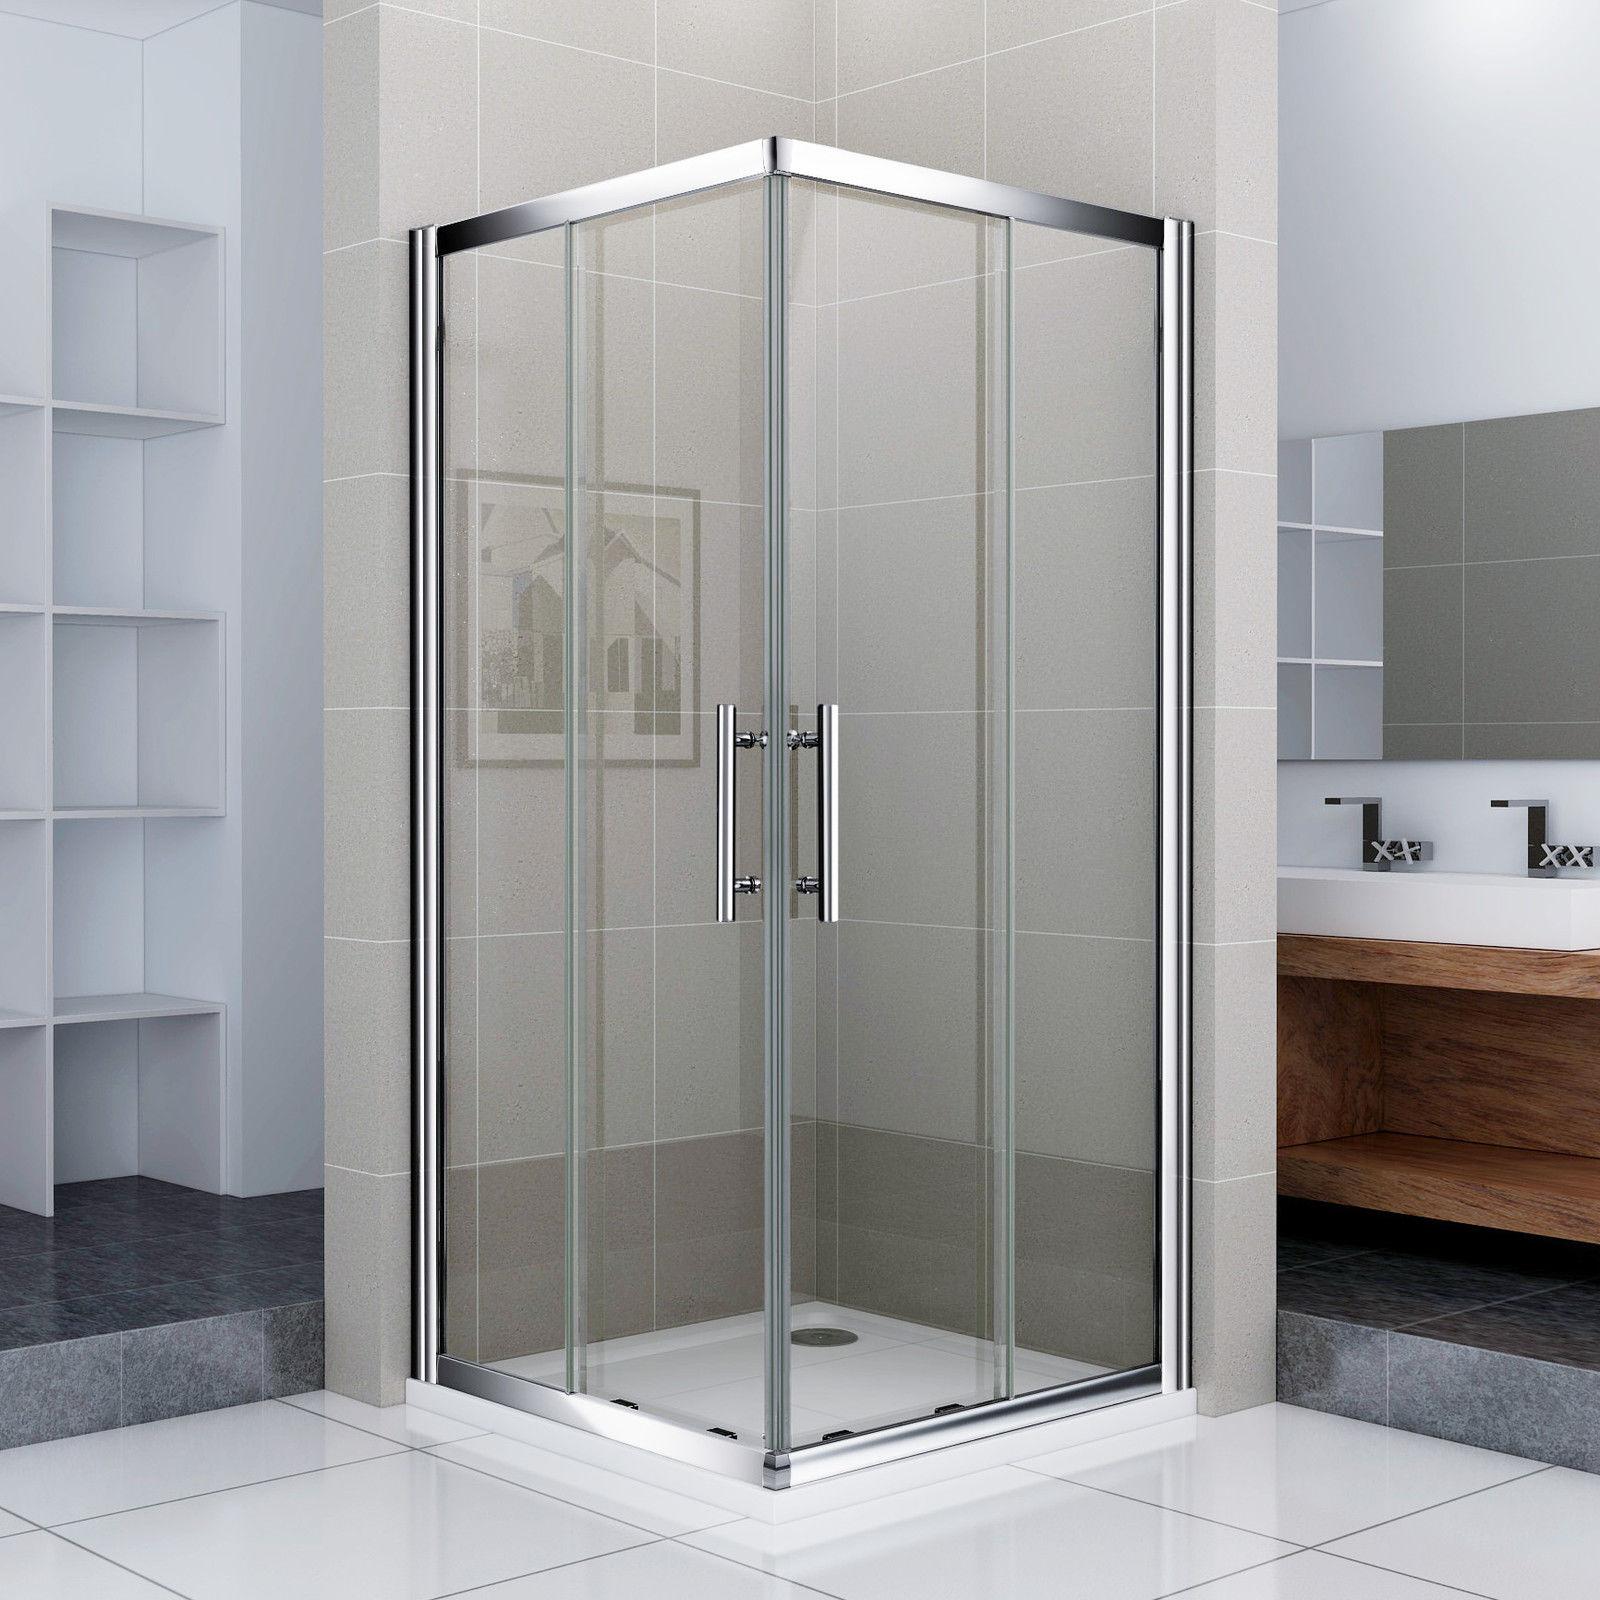 fishzerocom dusche schiebetr kunststoff verschiedene design inspiration - Dusche Aus Glas Oder Kunststoff